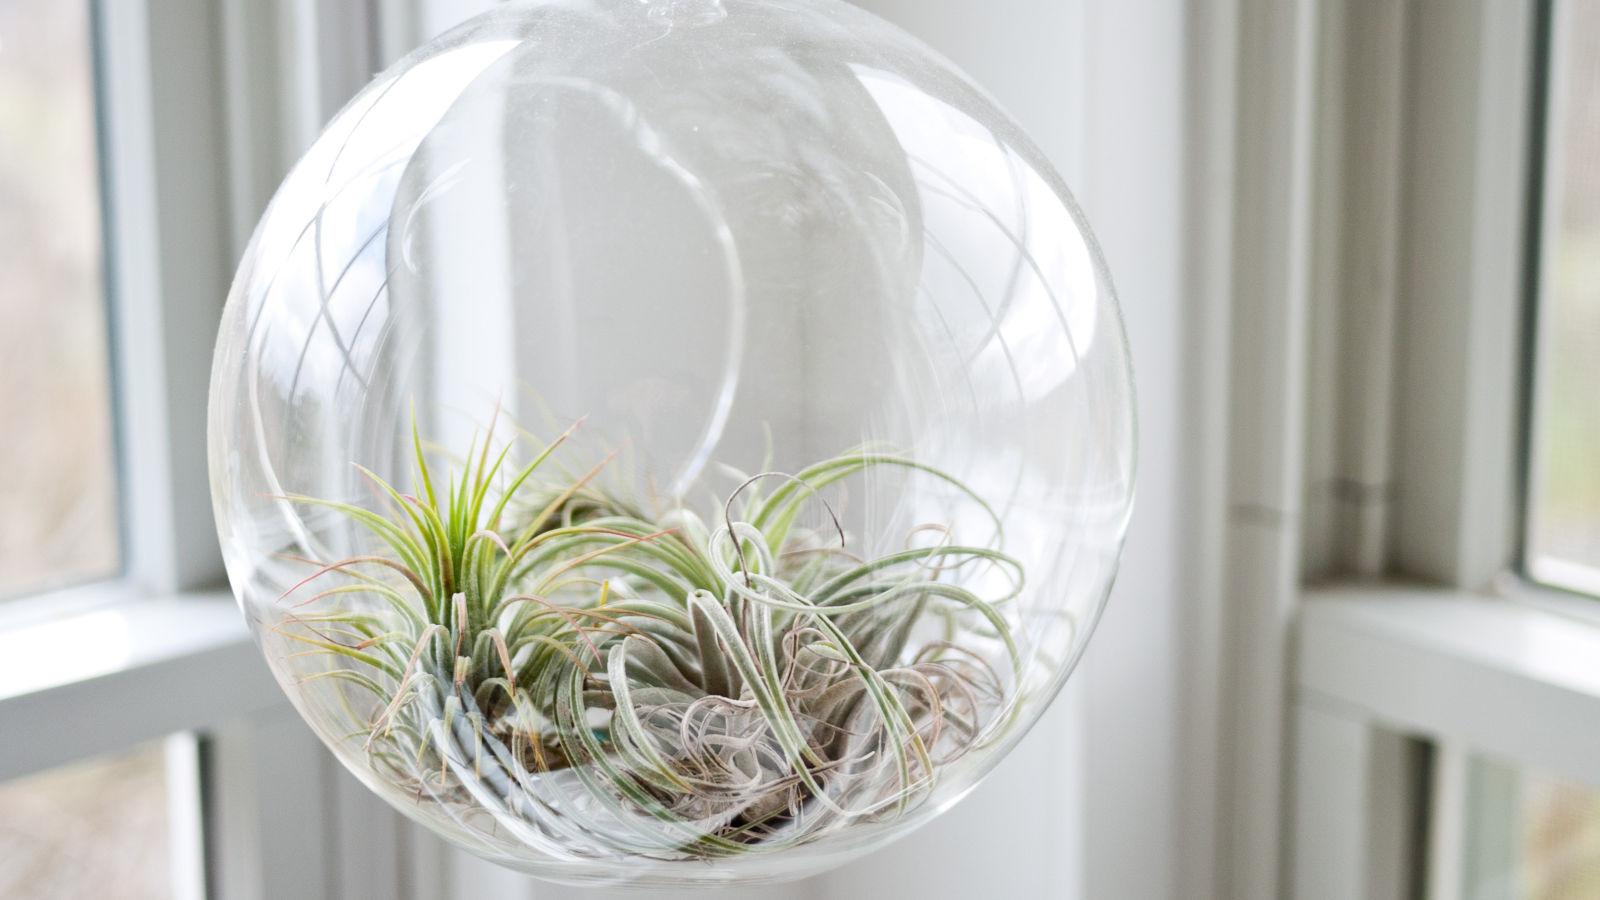 Tillandsien: So pflegeleicht sind die Luftpflanzen  evidero